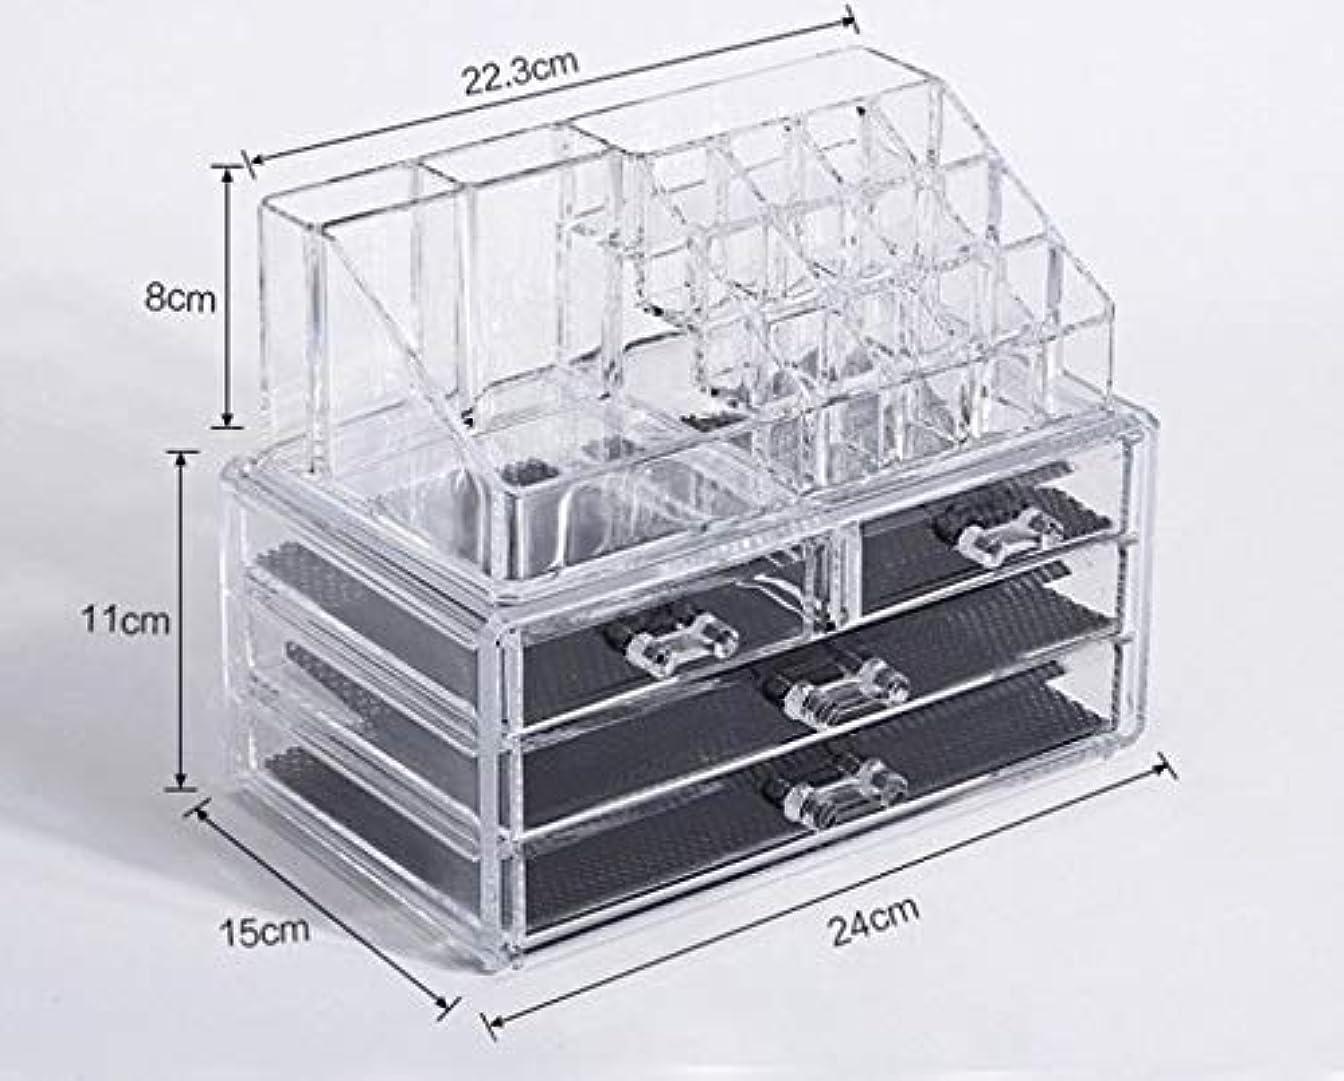 ヤングメジャー新着化粧品収納ボックス メイクボックス 化粧品 収納 ニオイなし 騒音なし 防塵 高透明度 強い耐久性